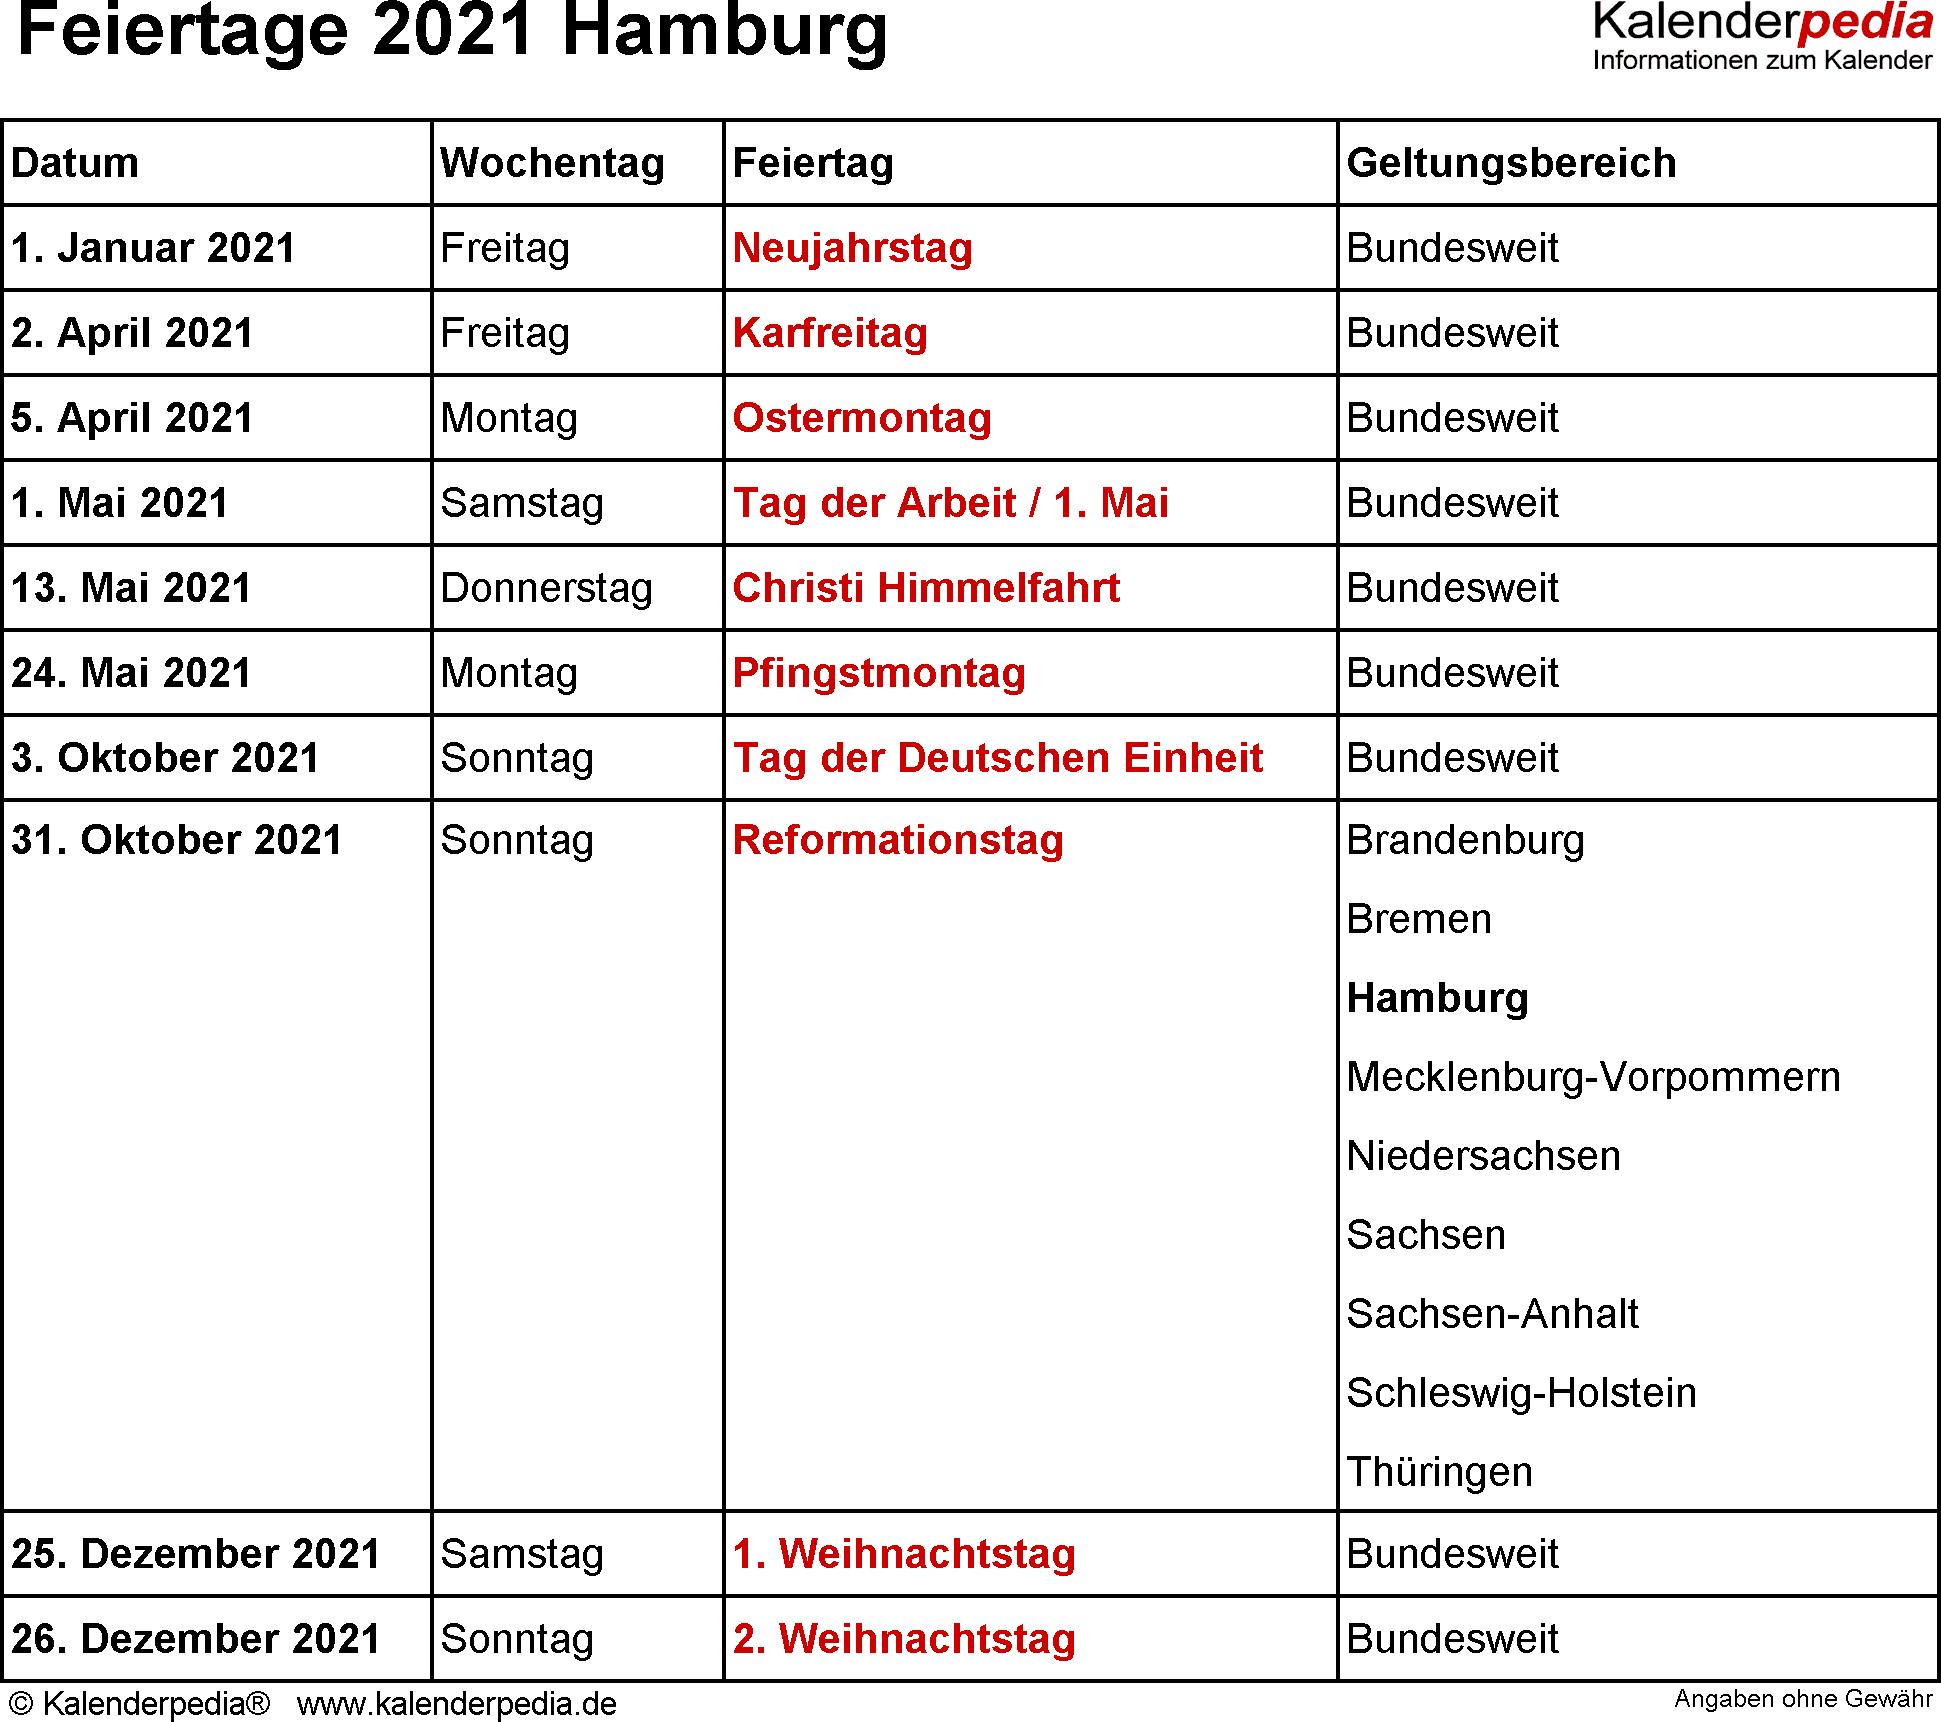 Feiertag Hamburg 2021